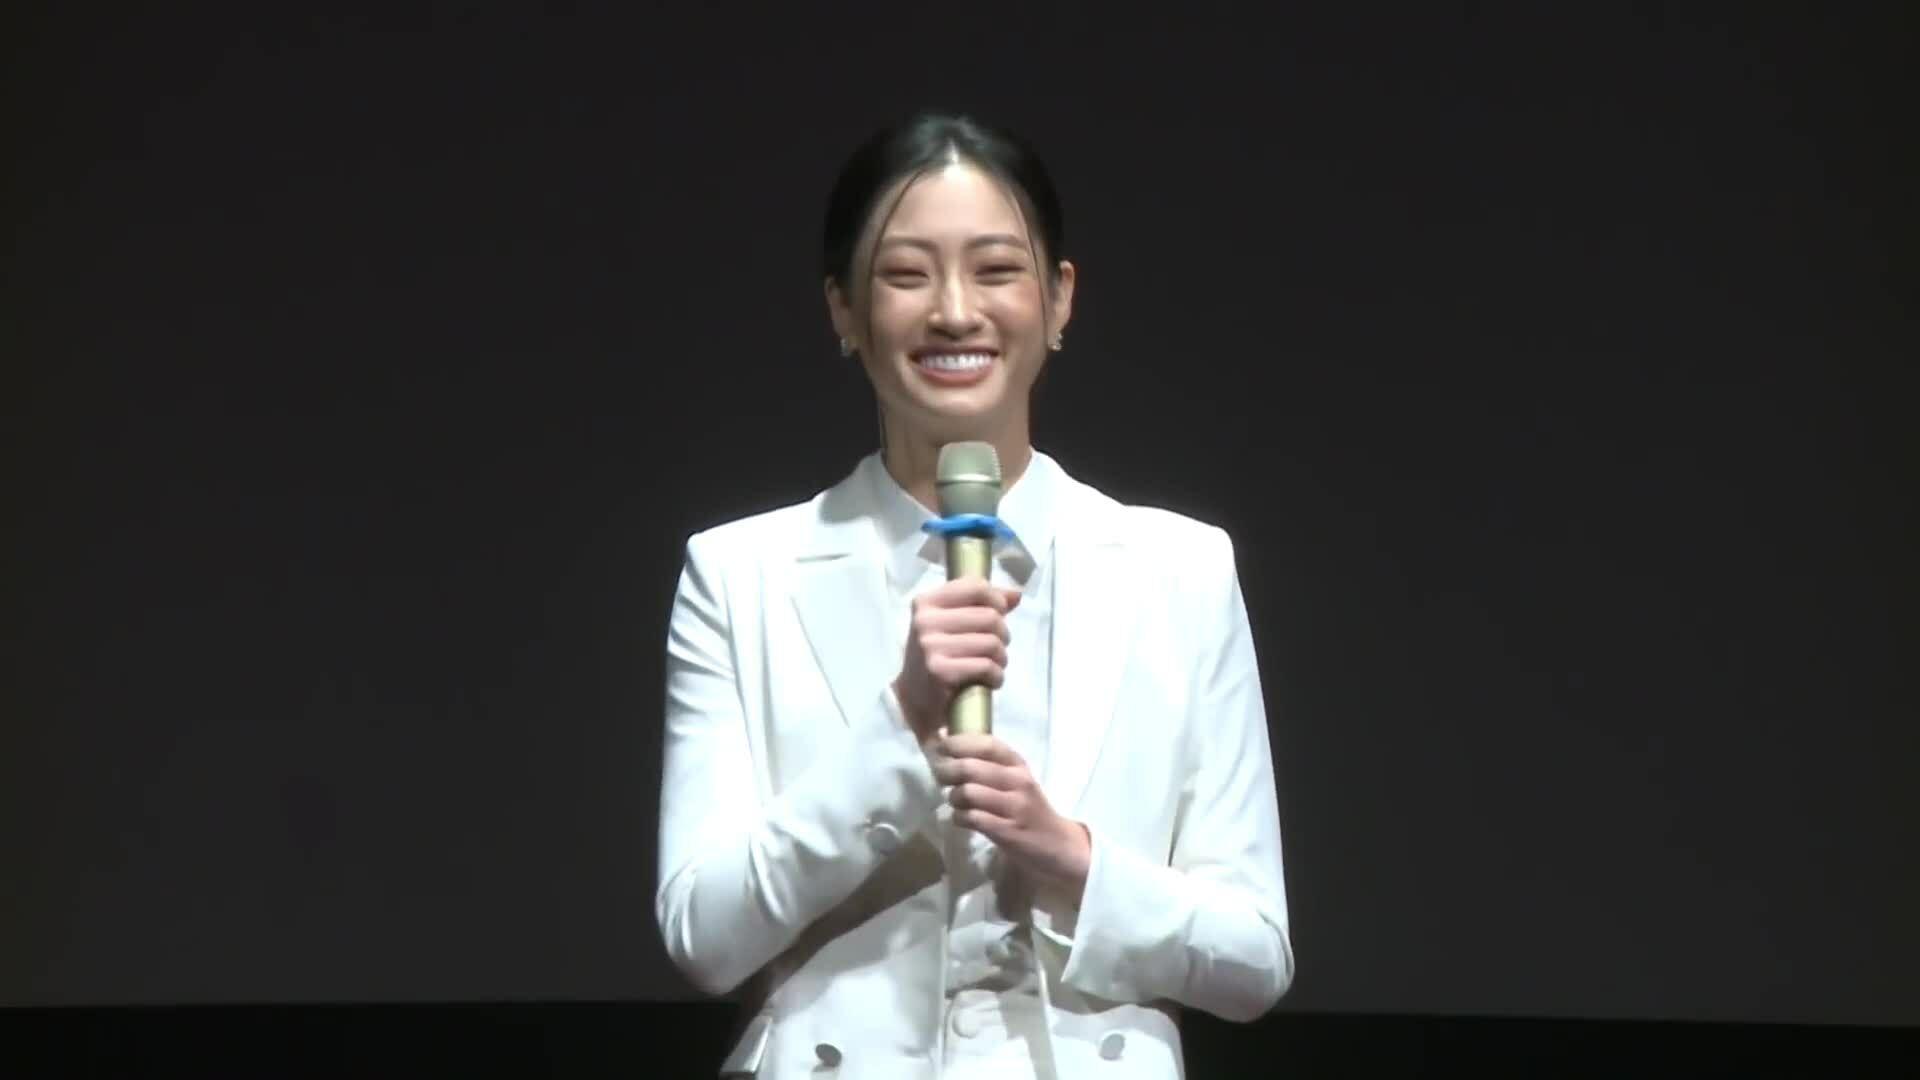 Hoa hậu Lương Thùy Linh hướng dẫn bí quyết hùng biện tốt